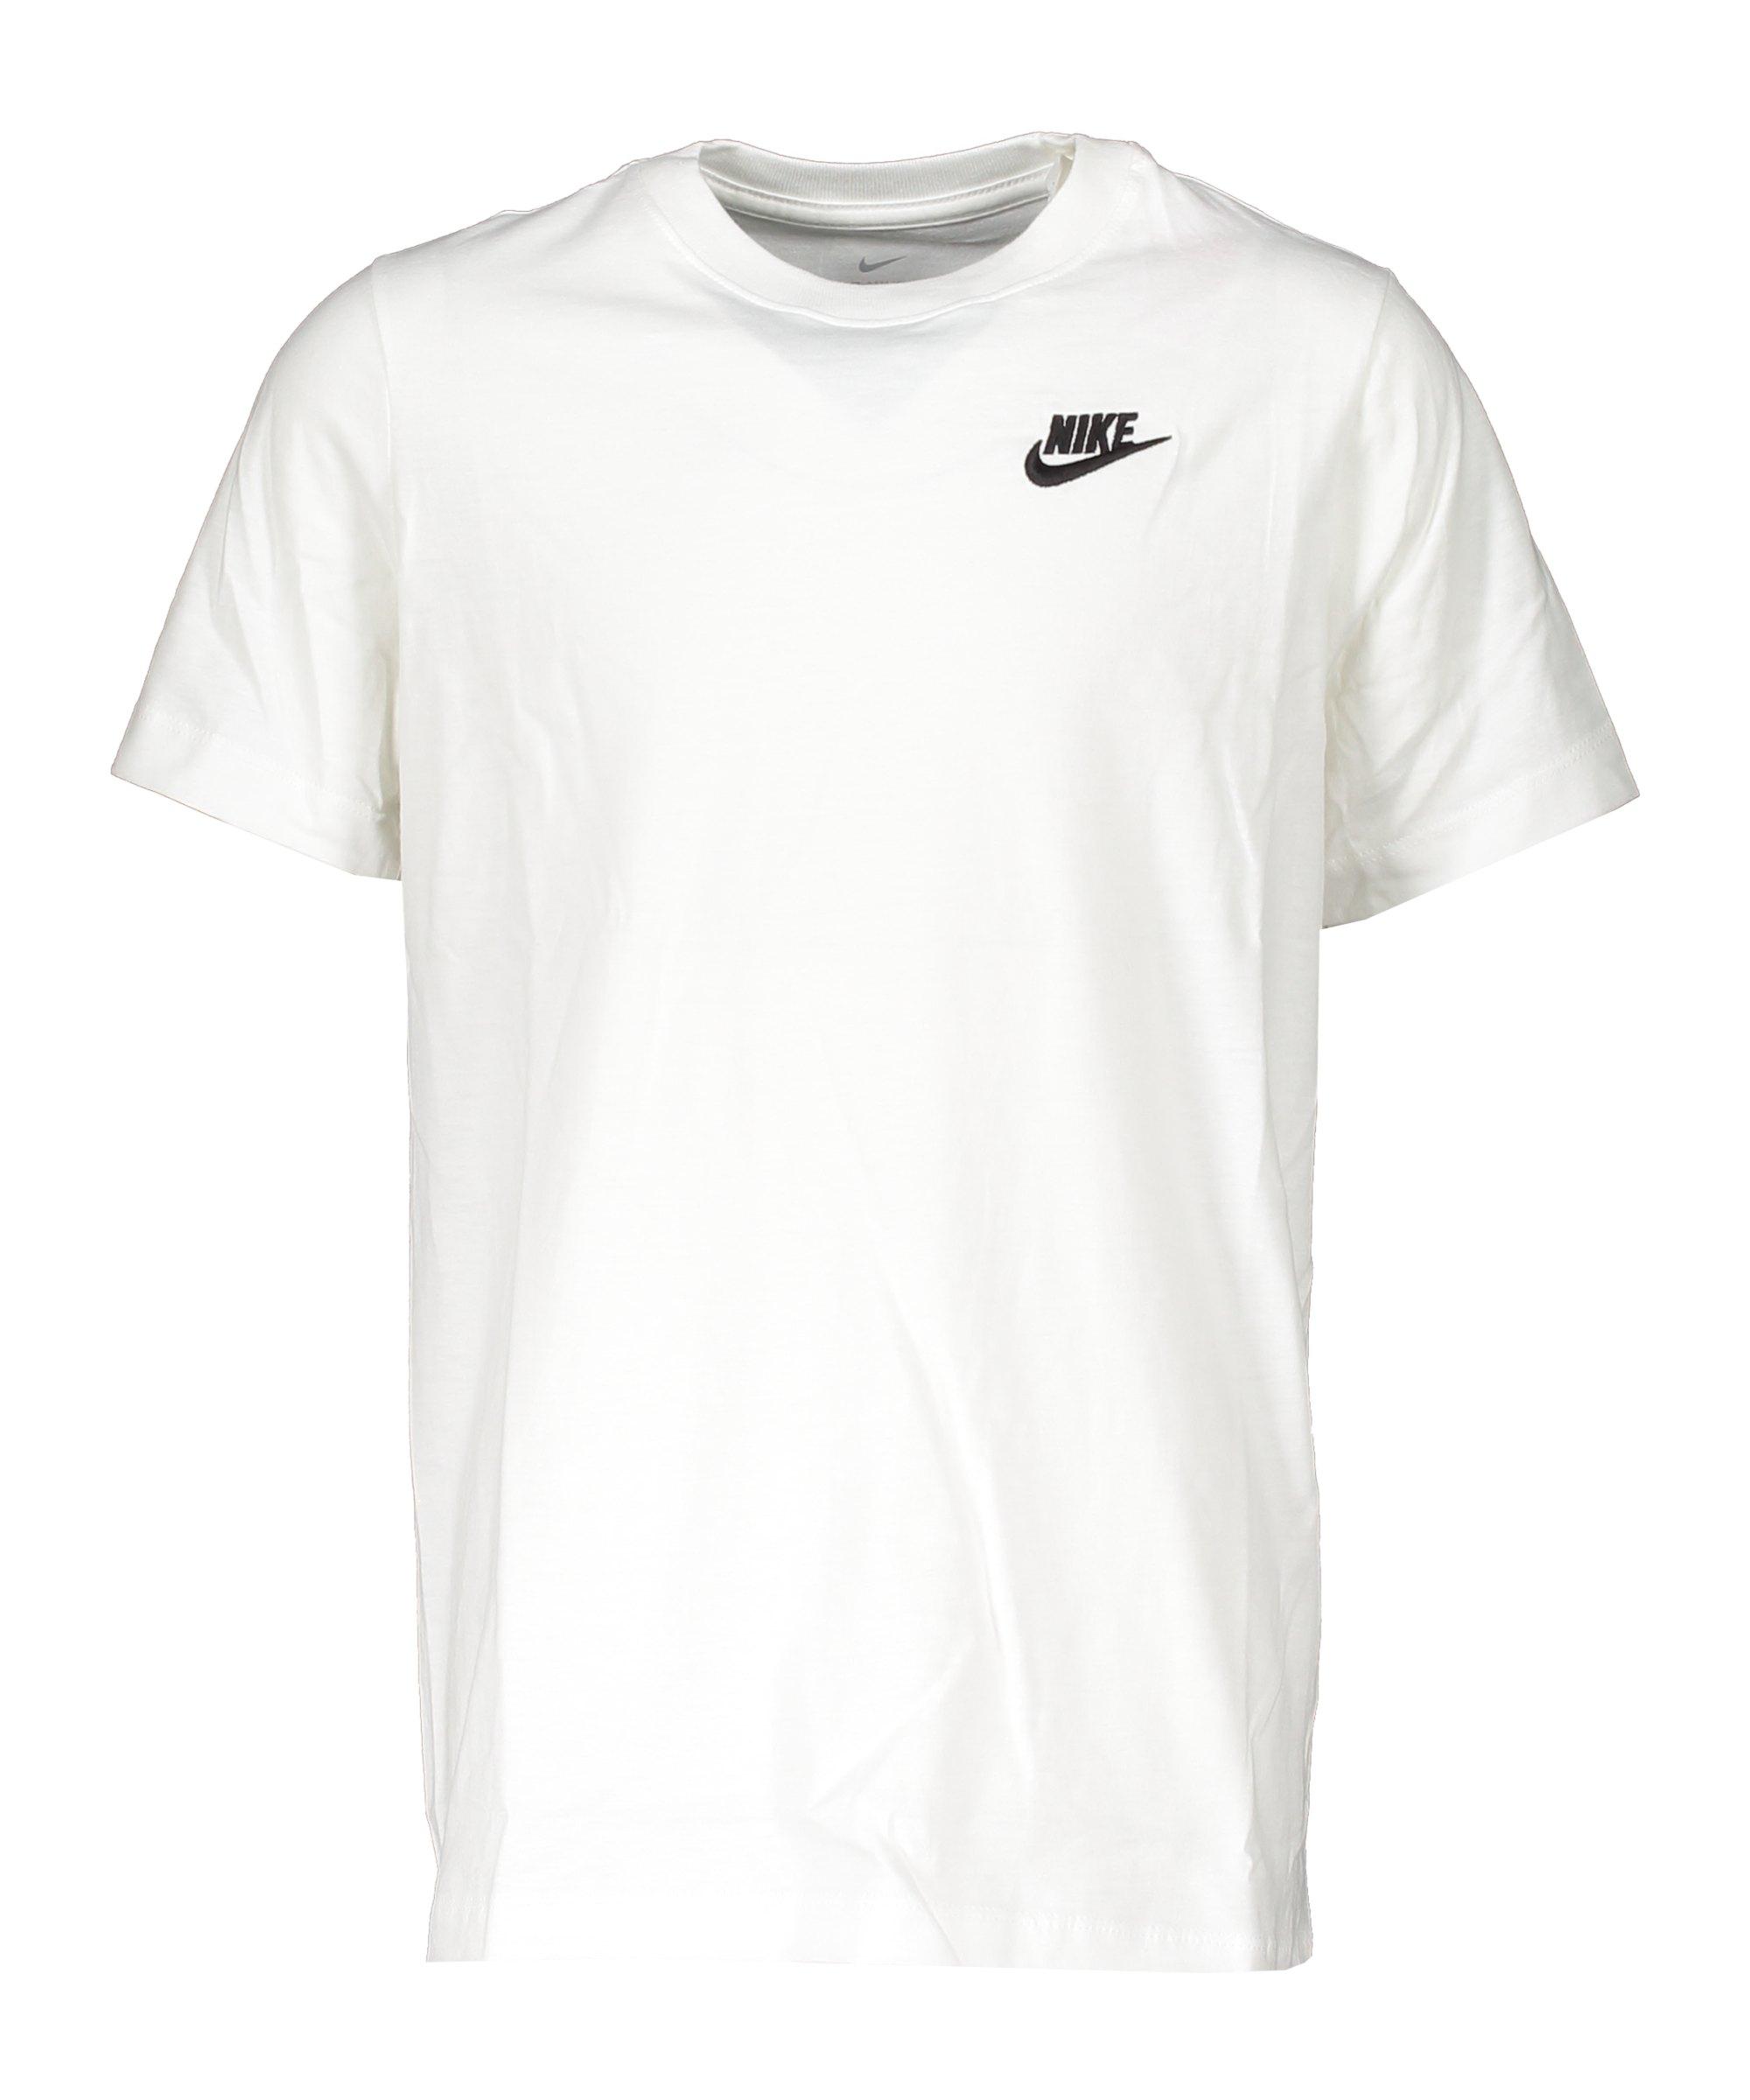 Nike Futura T-Shirt Kids Weiss Schwarz F100 - weiss